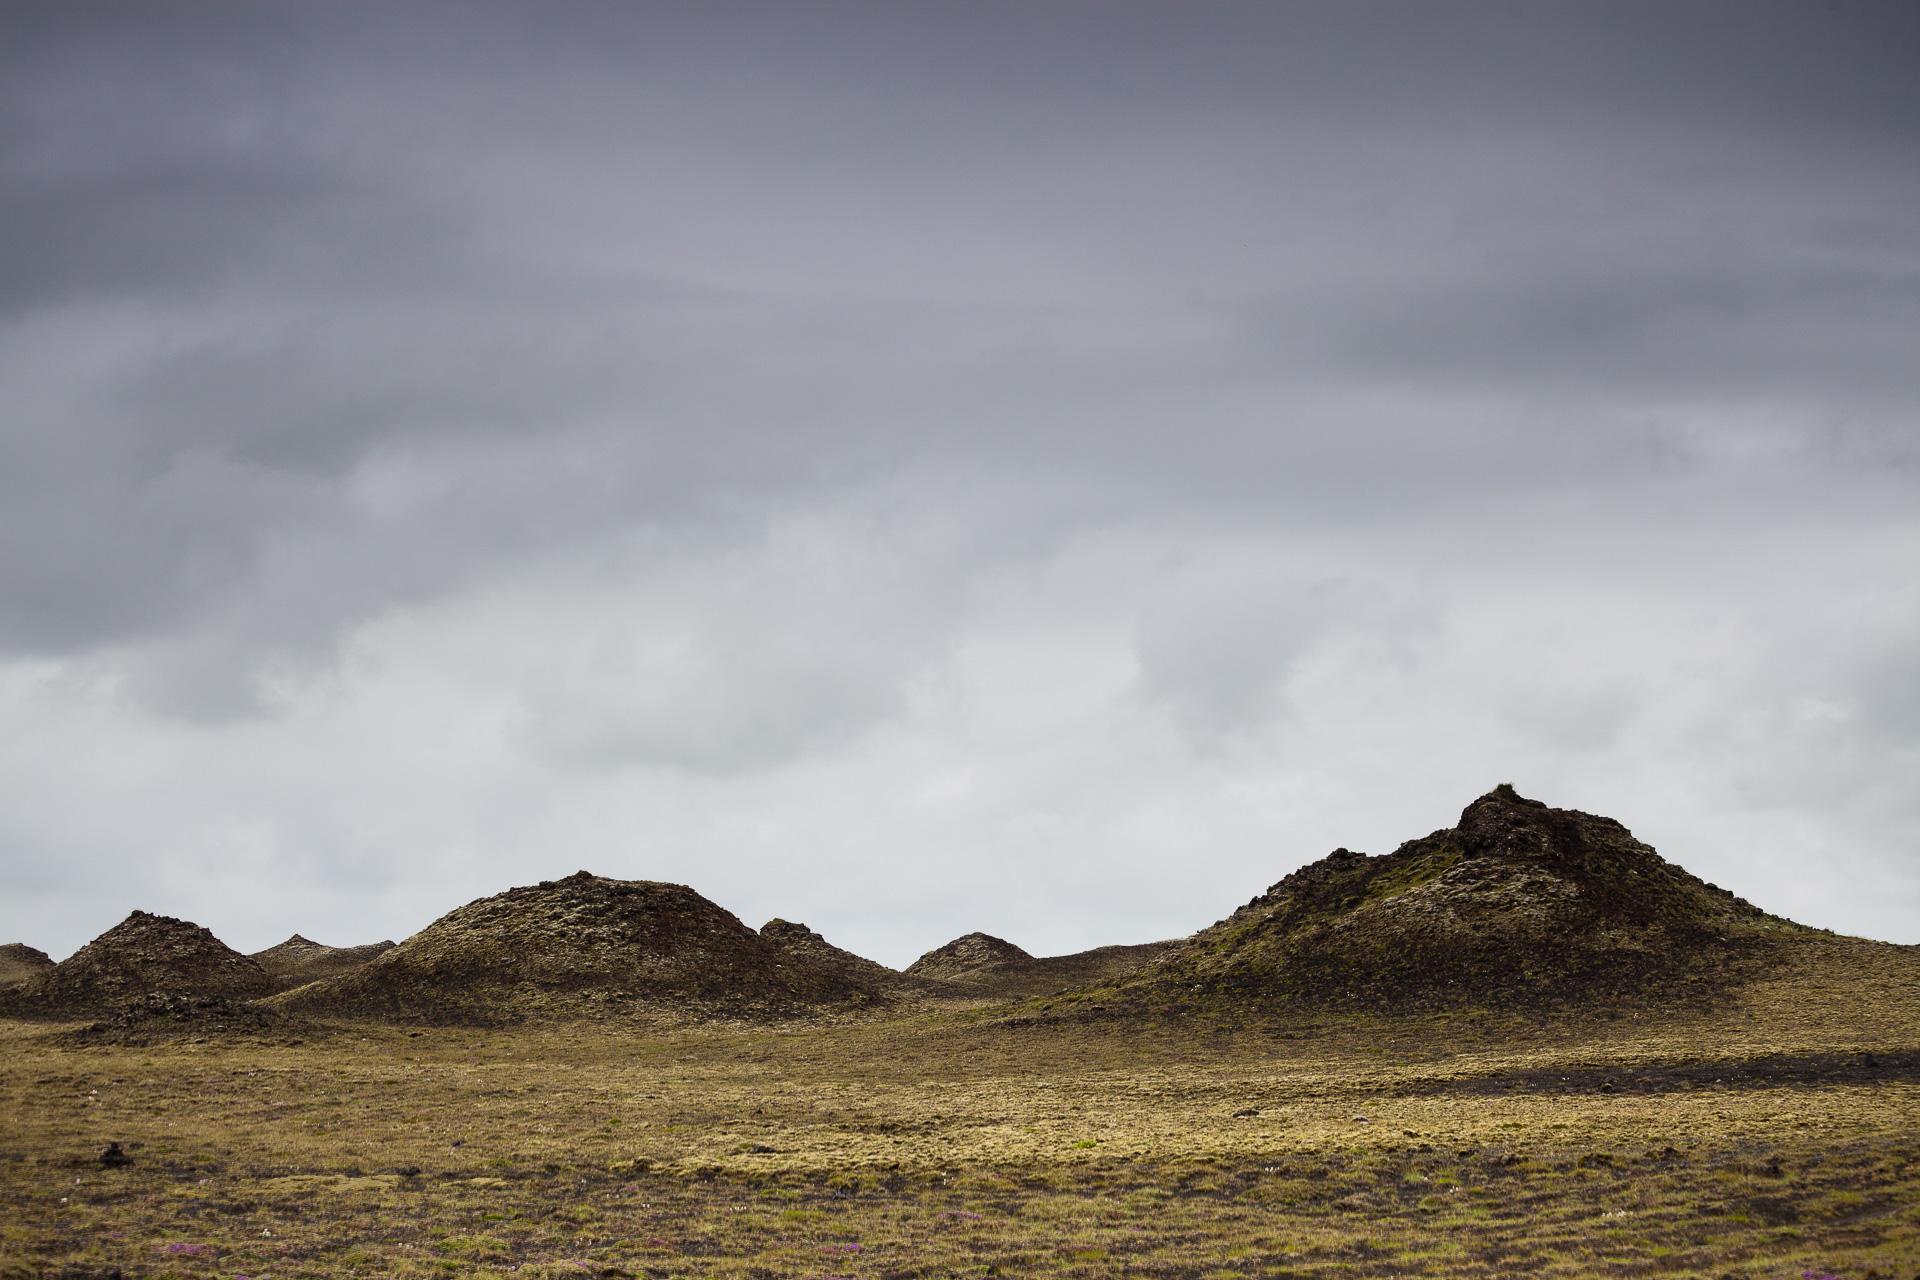 cônes volcaniques dans le sud de l'Islande